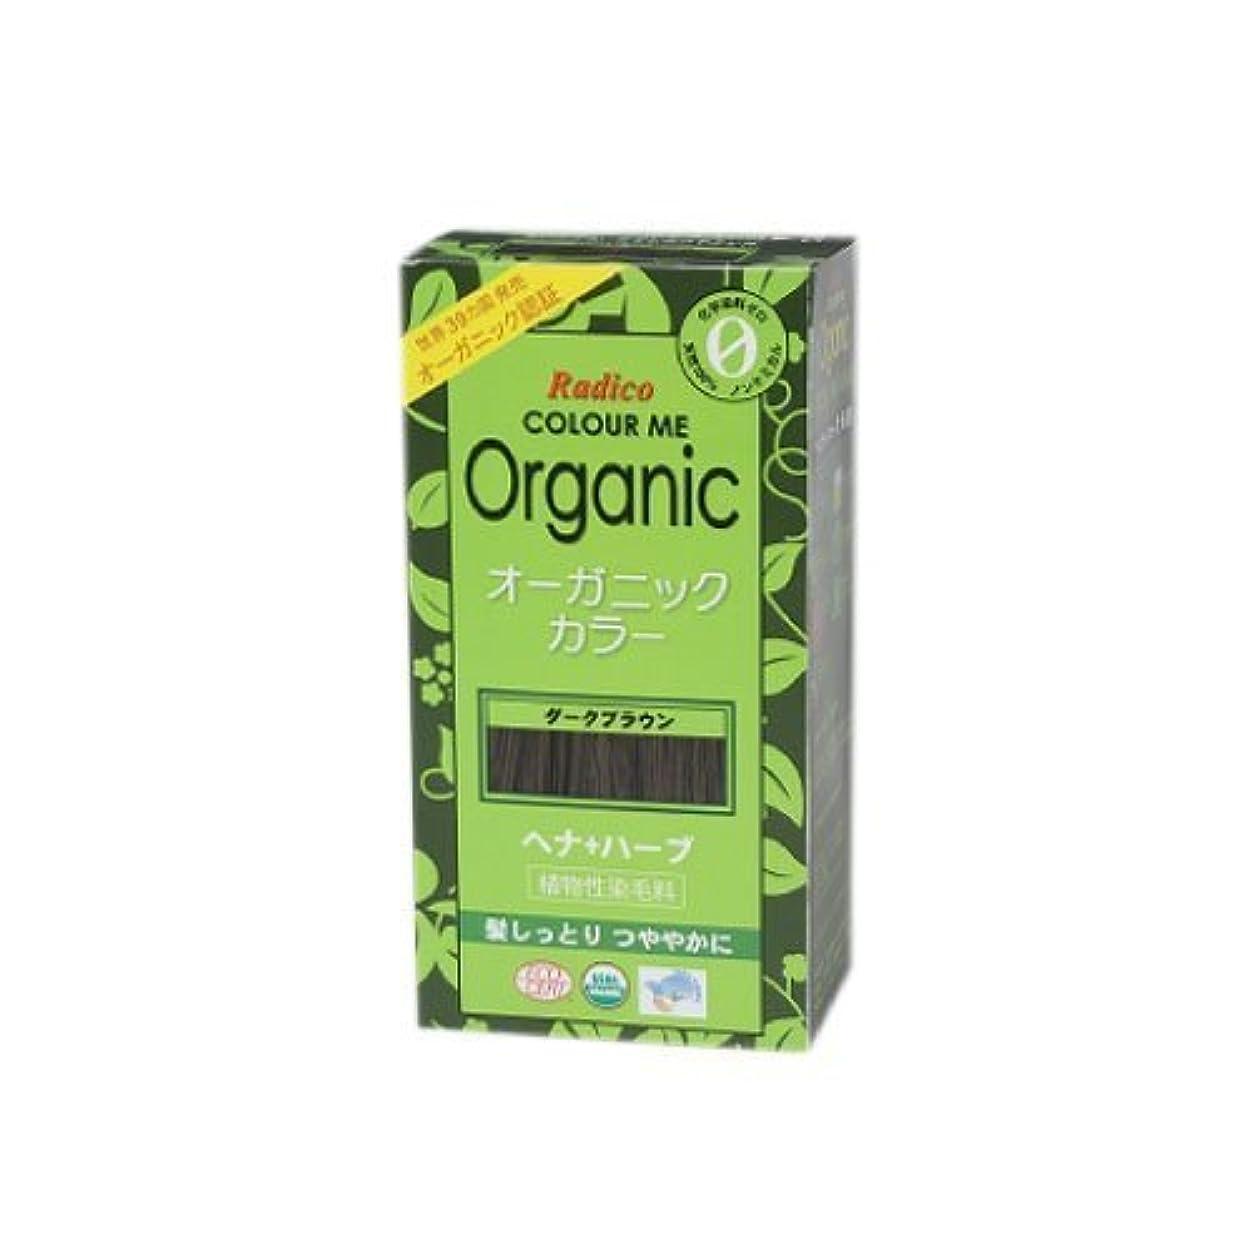 酸素チェス告発COLOURME Organic (カラーミーオーガニック ヘナ 白髪用) ダークブラウン 100g